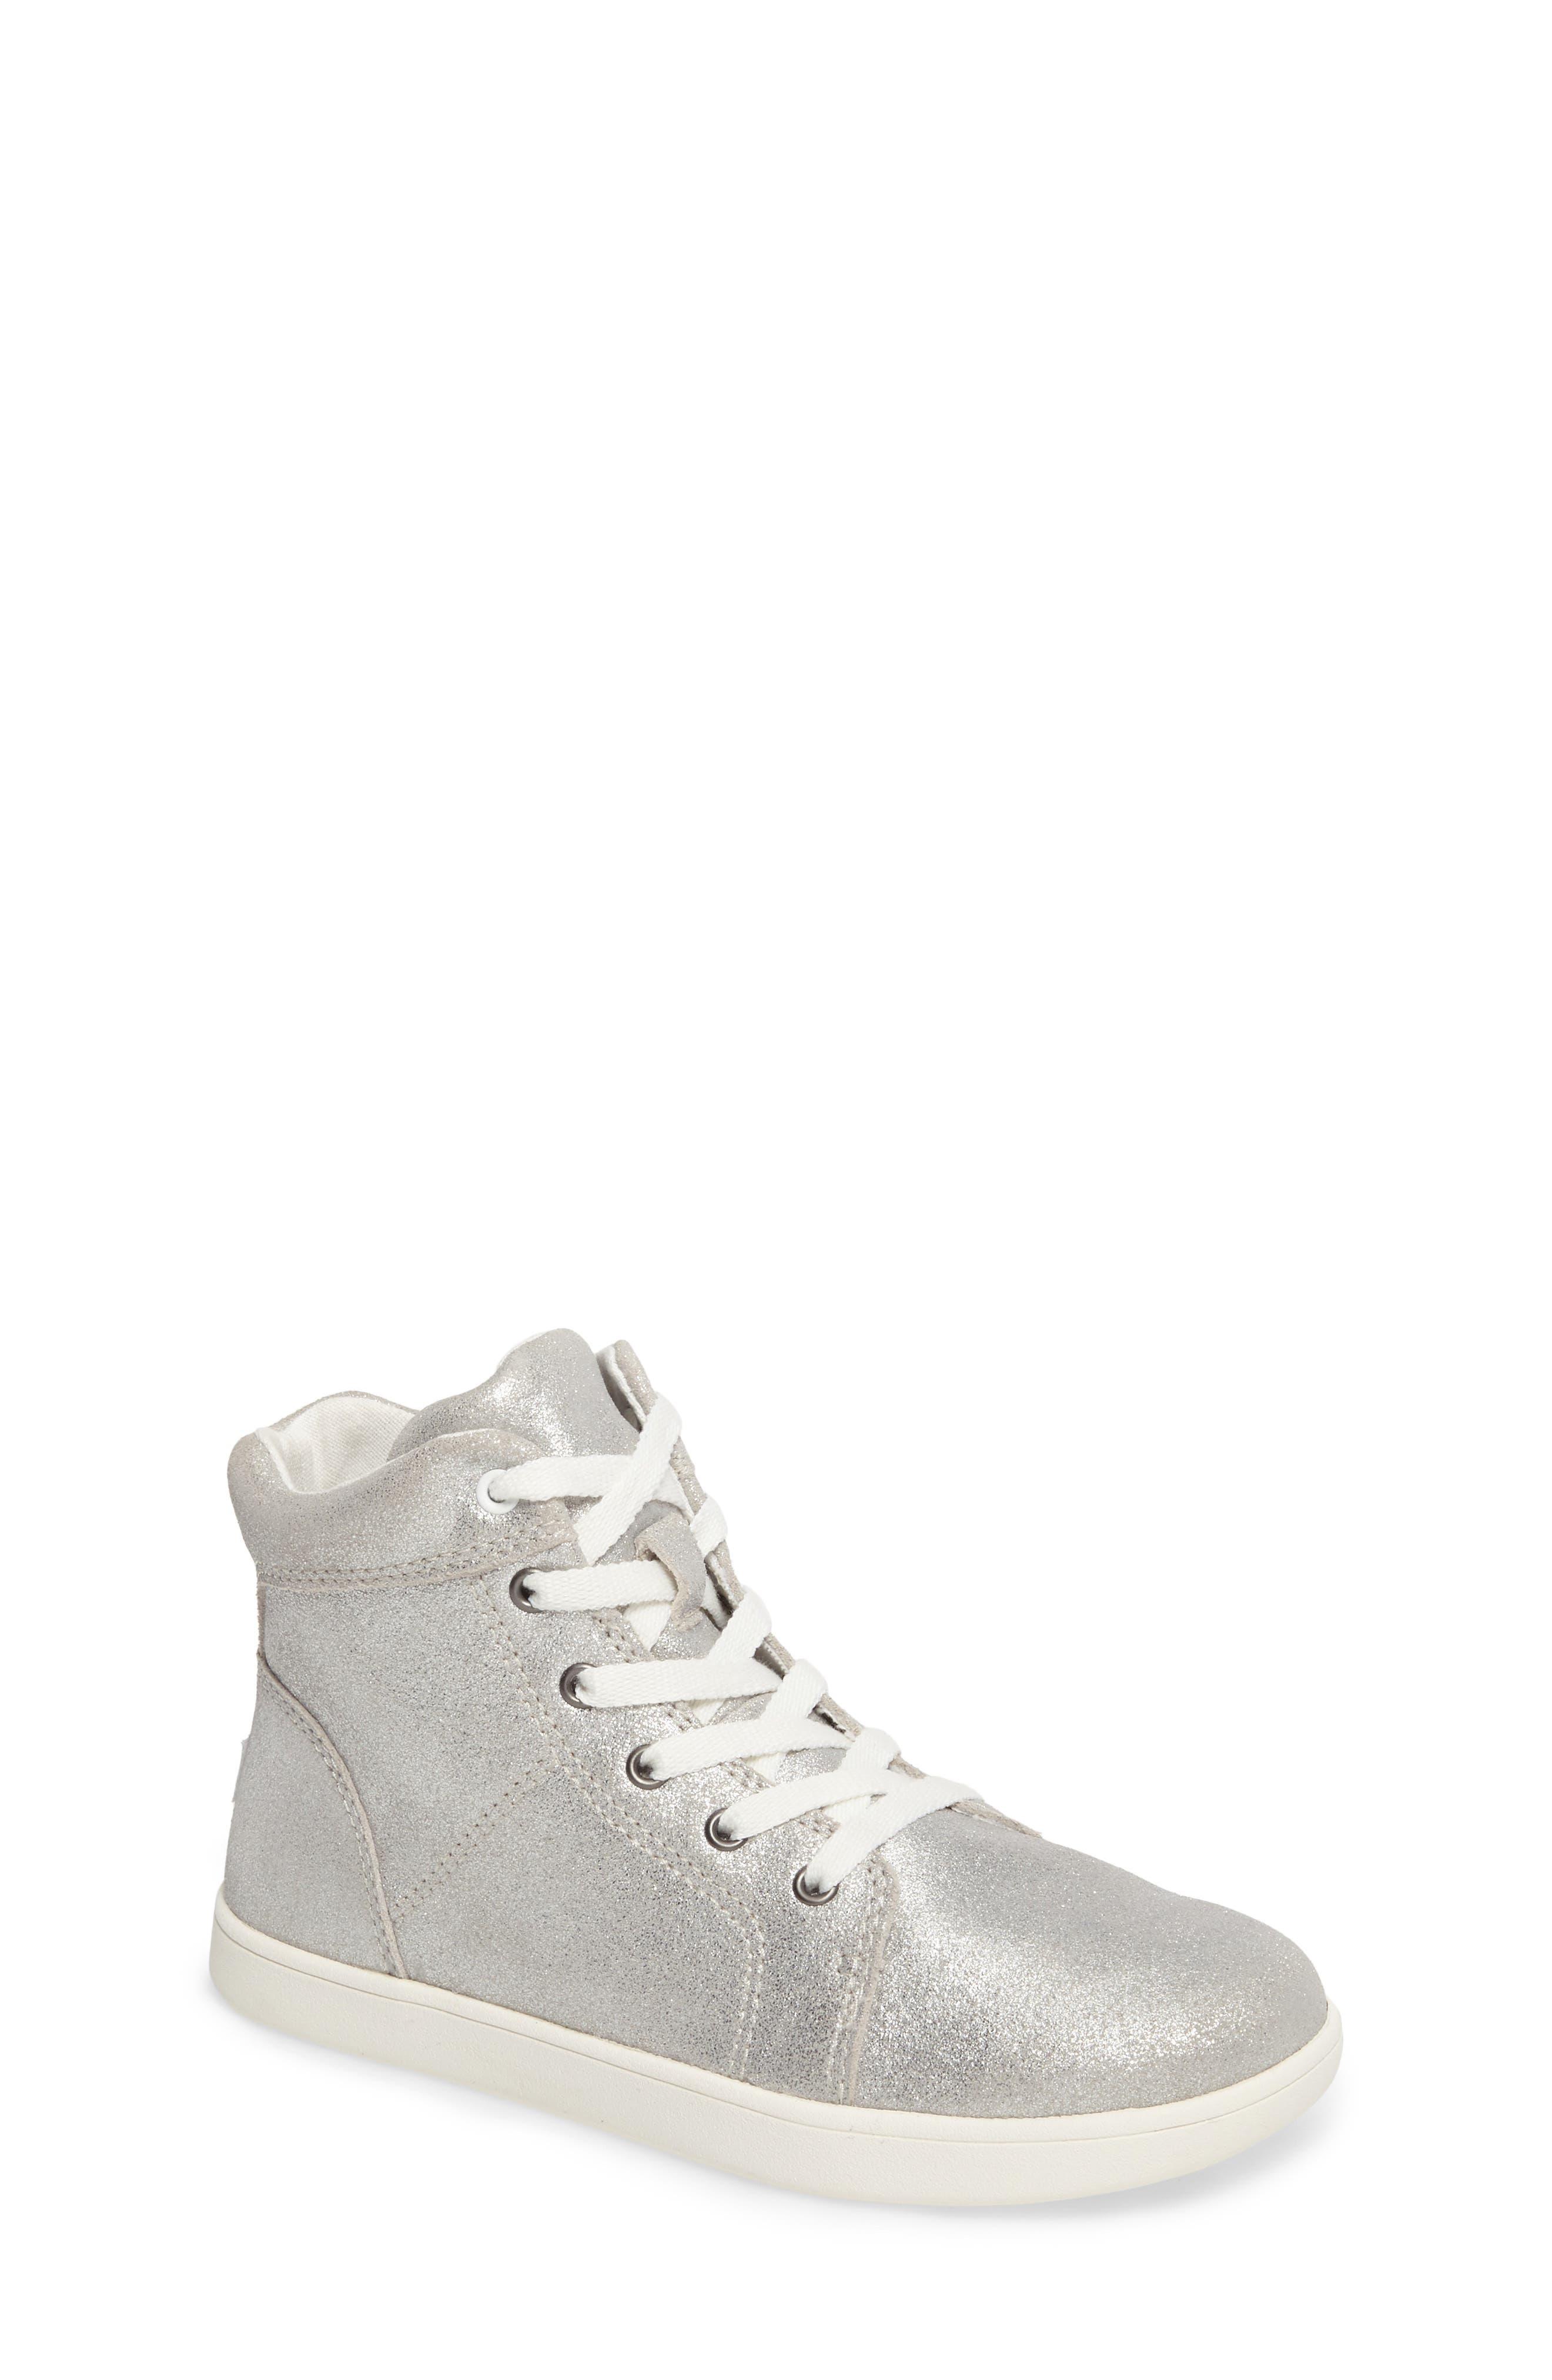 Schyler Metallic High Top Sneaker,                             Main thumbnail 1, color,                             040